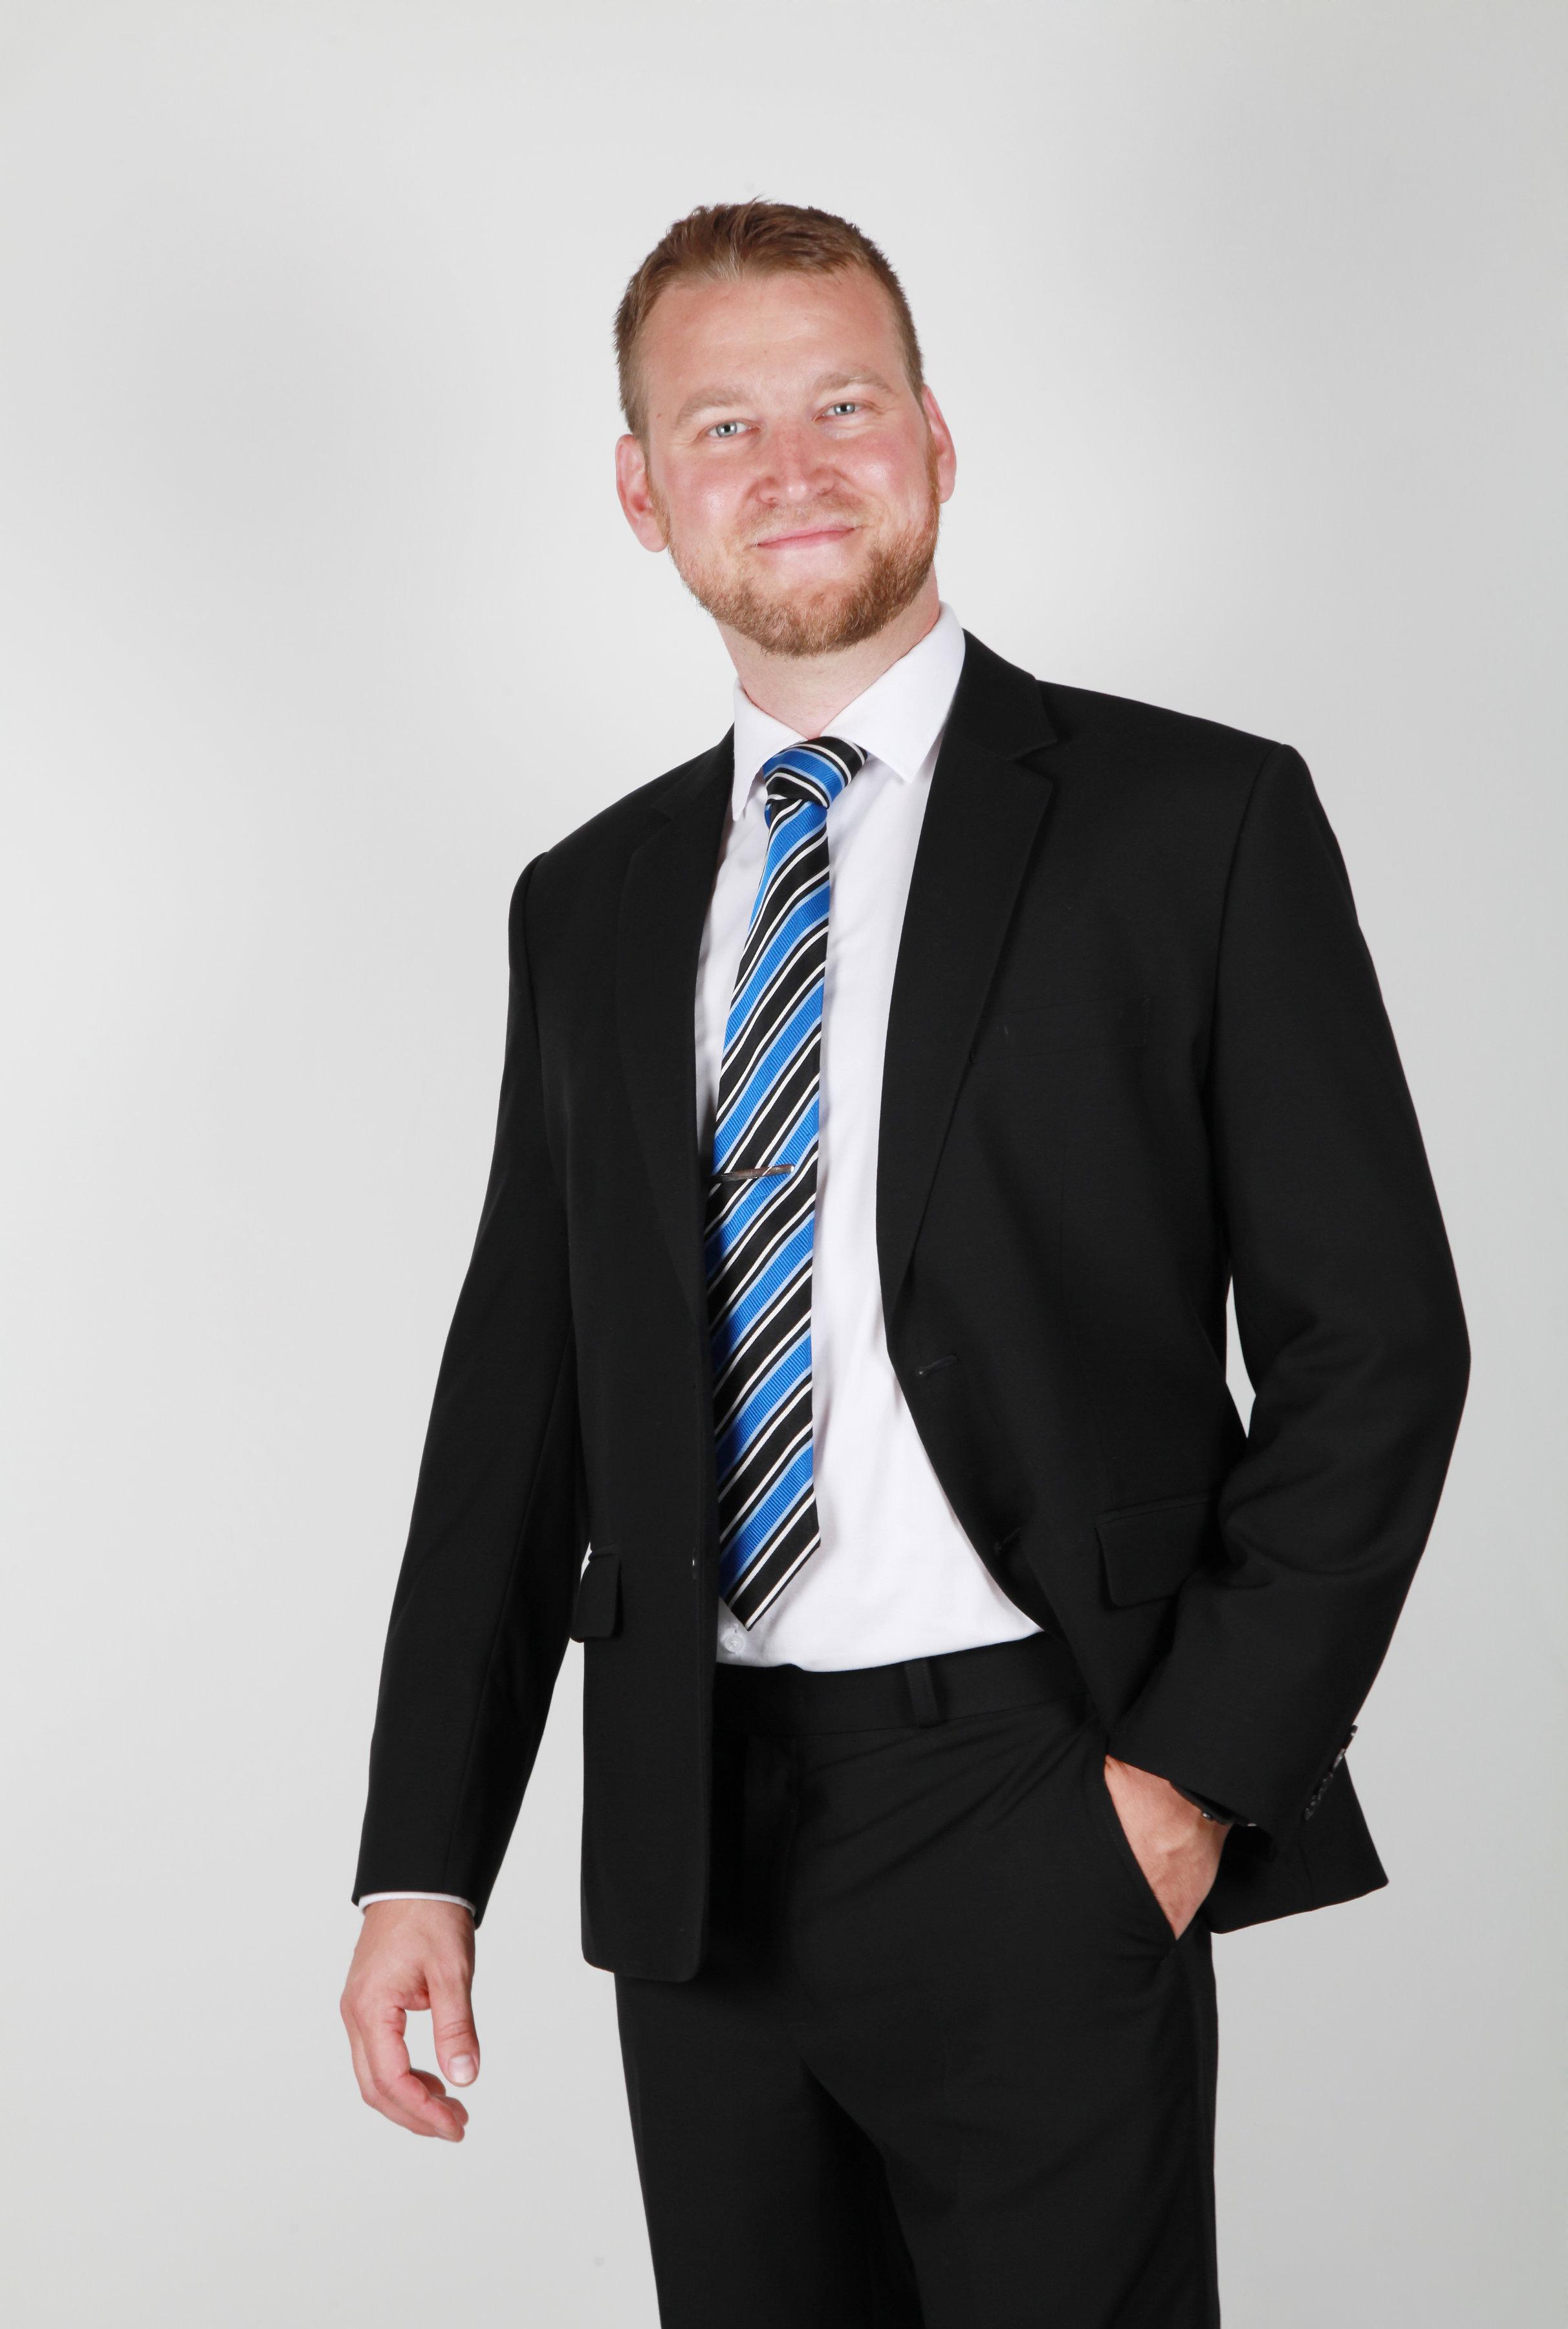 Lawyer Jan Huovinen